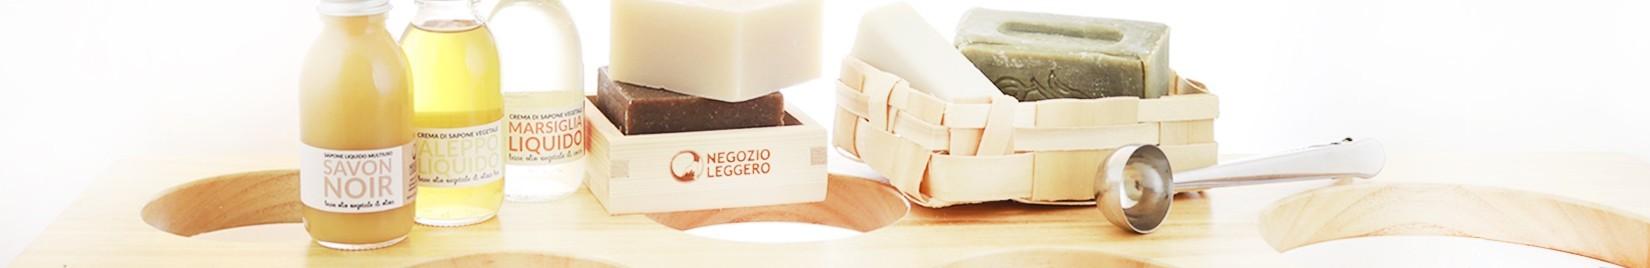 La sélection de produits et d'accessoires maison de Negozio Leggero